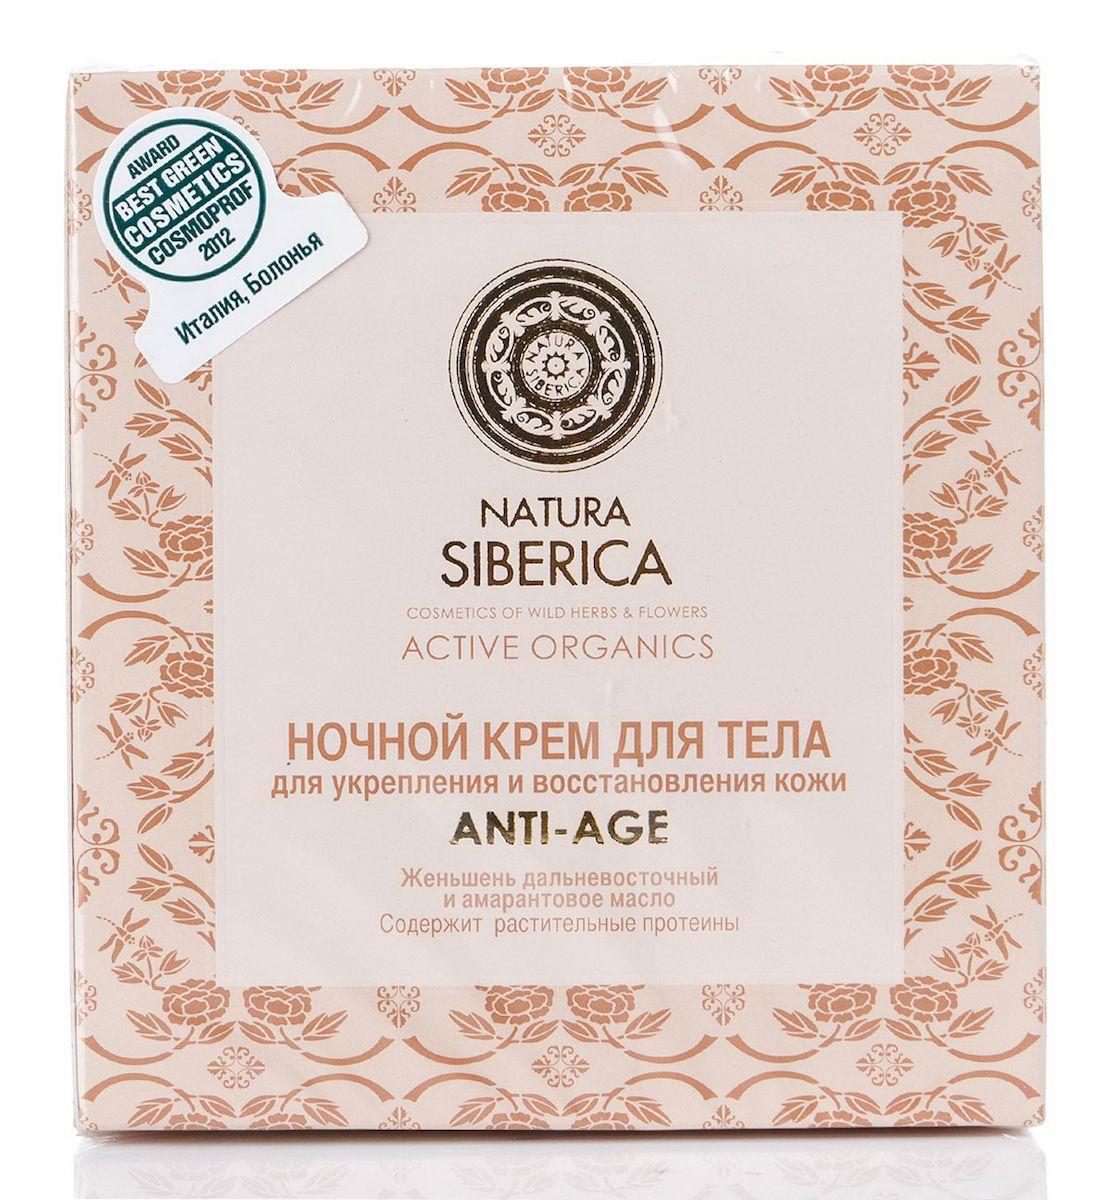 Natura Siberica ночной крем для тела Для укрепления и восстановления кожи Anti-Age 370 г4751006752573Во время сна кожа интенсивно восстанавливается. Для того чтобы сделать этот процесснаиболее эффективным, мы создали специальный ночной крем для тела NaturaSiberica наоснове амарантового масла и женьшеня дальневосточного. Амарантовое масло - одно излучших средств для увлажнения и защиты кожи. Масло семян амаранта обладает уникальнымсоставом биологически активных веществ: провитамины, ненасыщенные жирные кислоты ивитамин Е, необходимый для здоровья кожи. Женьшень дальневосточный с давних временизвестен своей удивительной целительной силой и возможностями продлевать молодостьчеловека. Женьшень ускоряет процессы обновления кожи и возвращает ей высокий тонус, атакже свойственные молодости упругость и эластичность. Уважаемые клиенты! Обращаем ваше внимание на возможные изменения в дизайне упаковки. Качественные характеристики товара остаются неизменными. Поставка осуществляется в зависимости от наличия на складе.